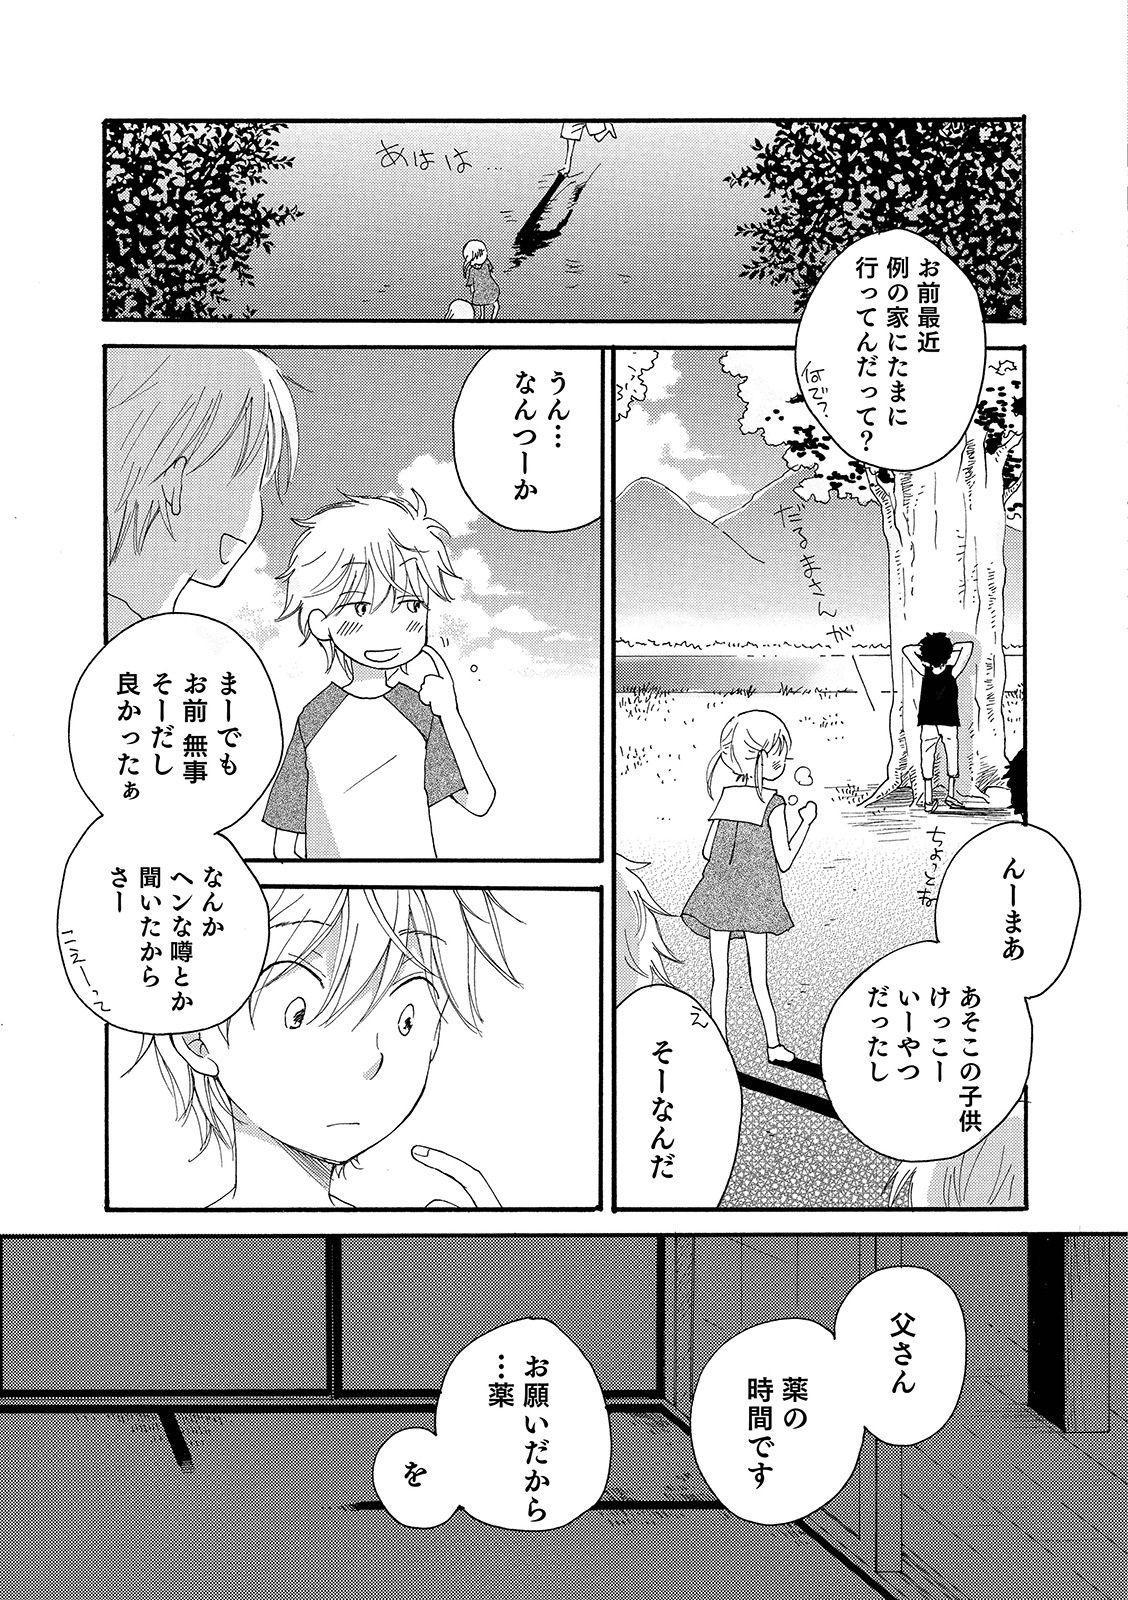 Otokonoko Heaven's Door 9 78